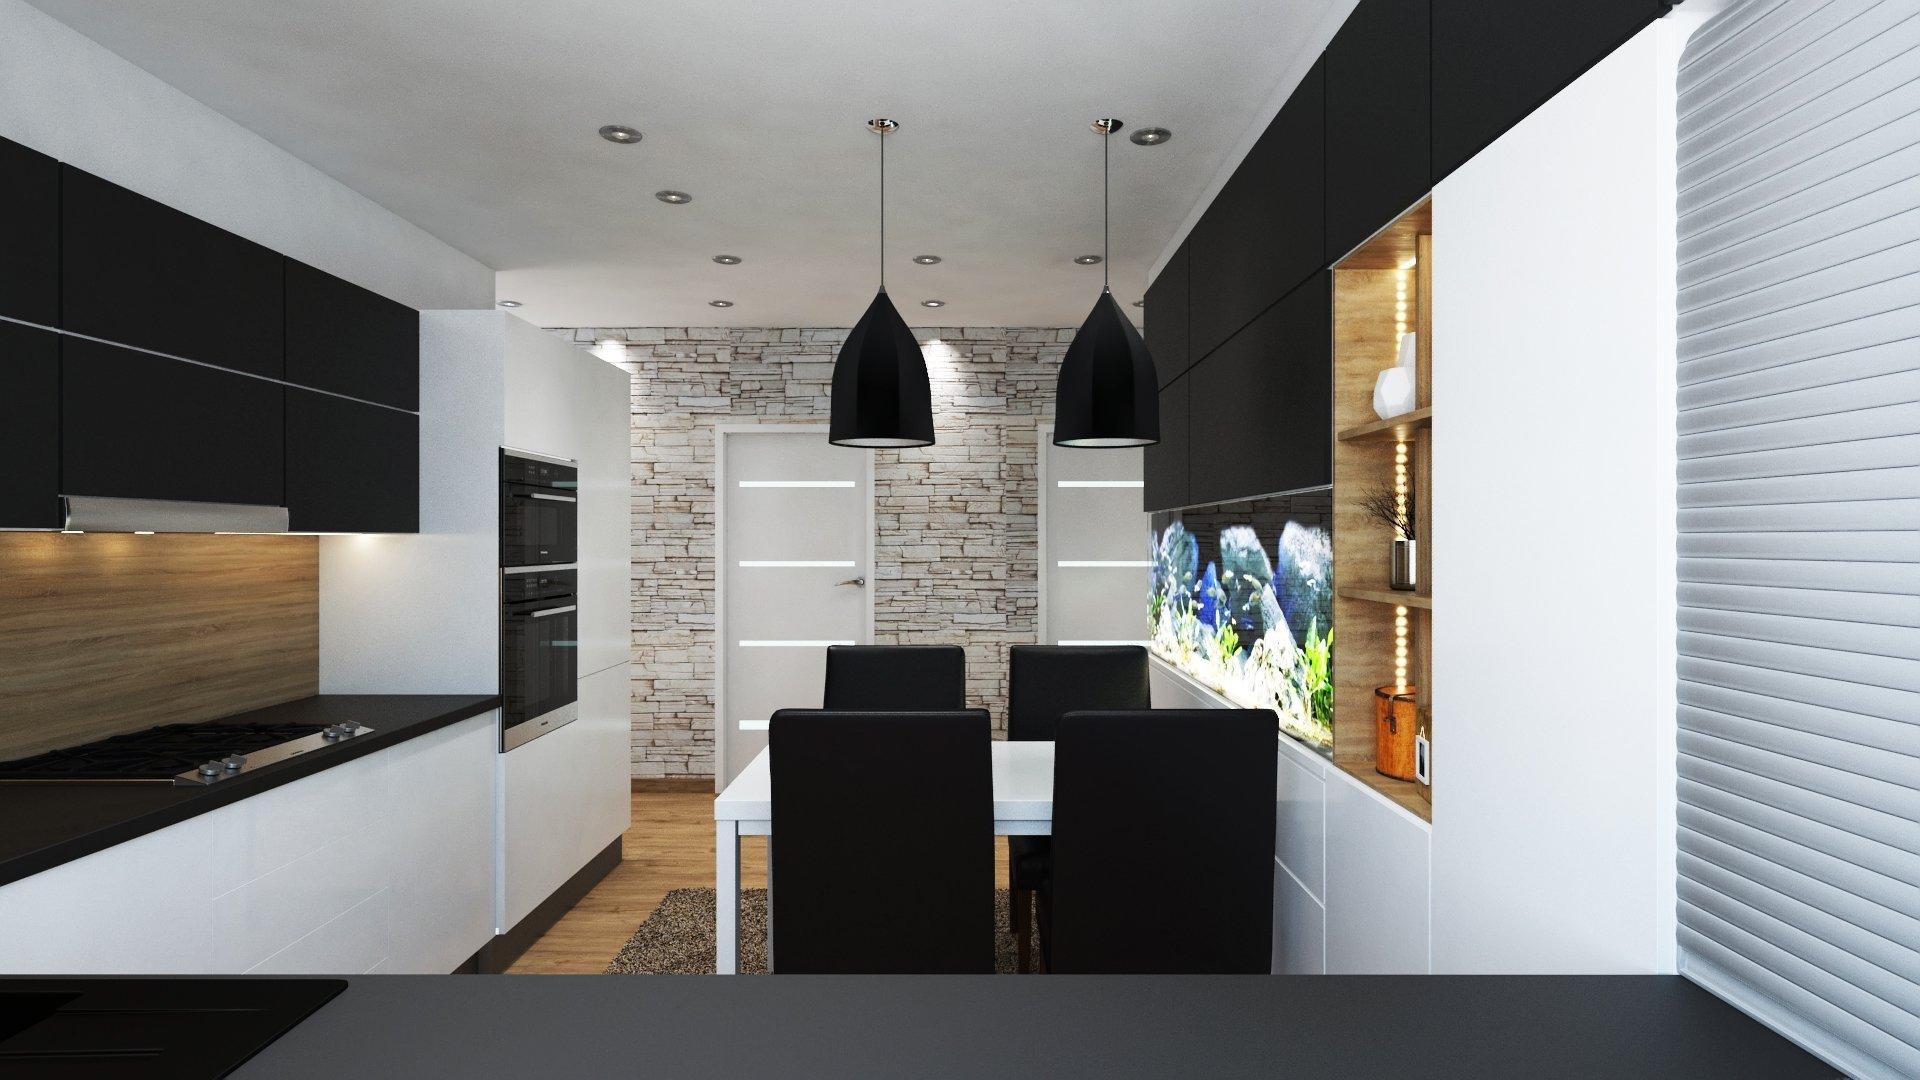 Moderní kuchyně s jídelnou a zabudovaným akváriem.